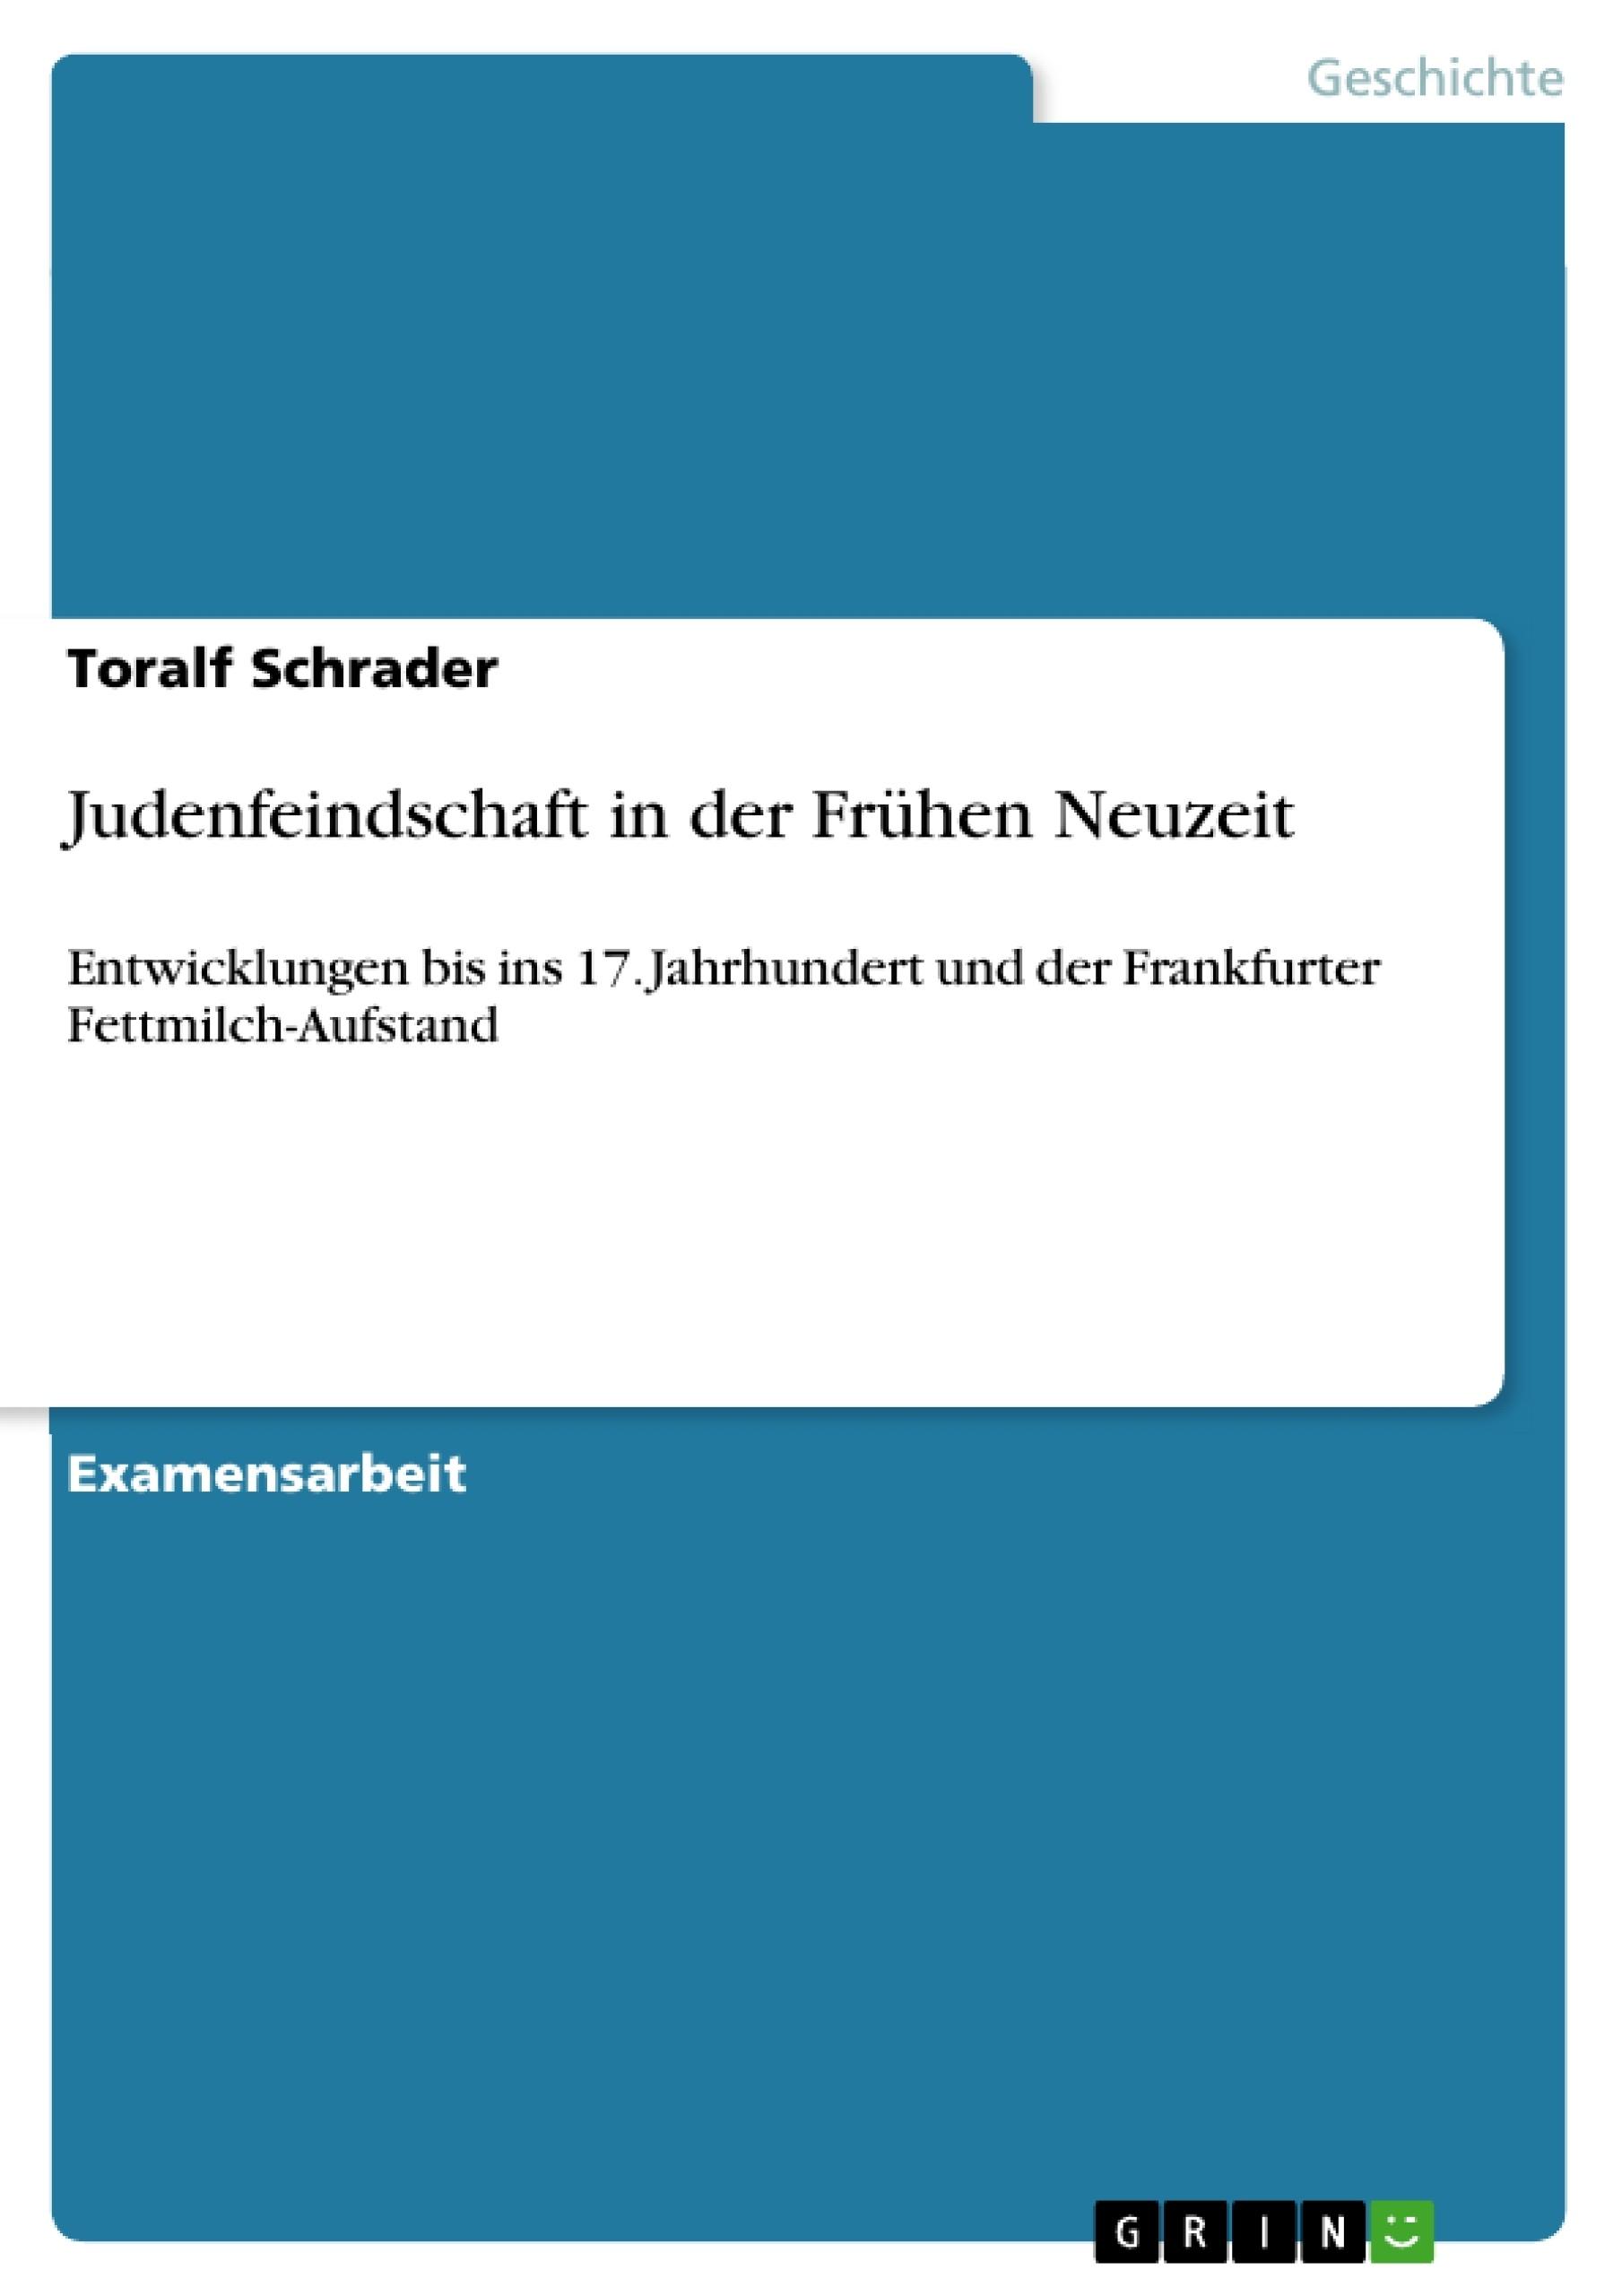 Titel: Judenfeindschaft in der Frühen Neuzeit